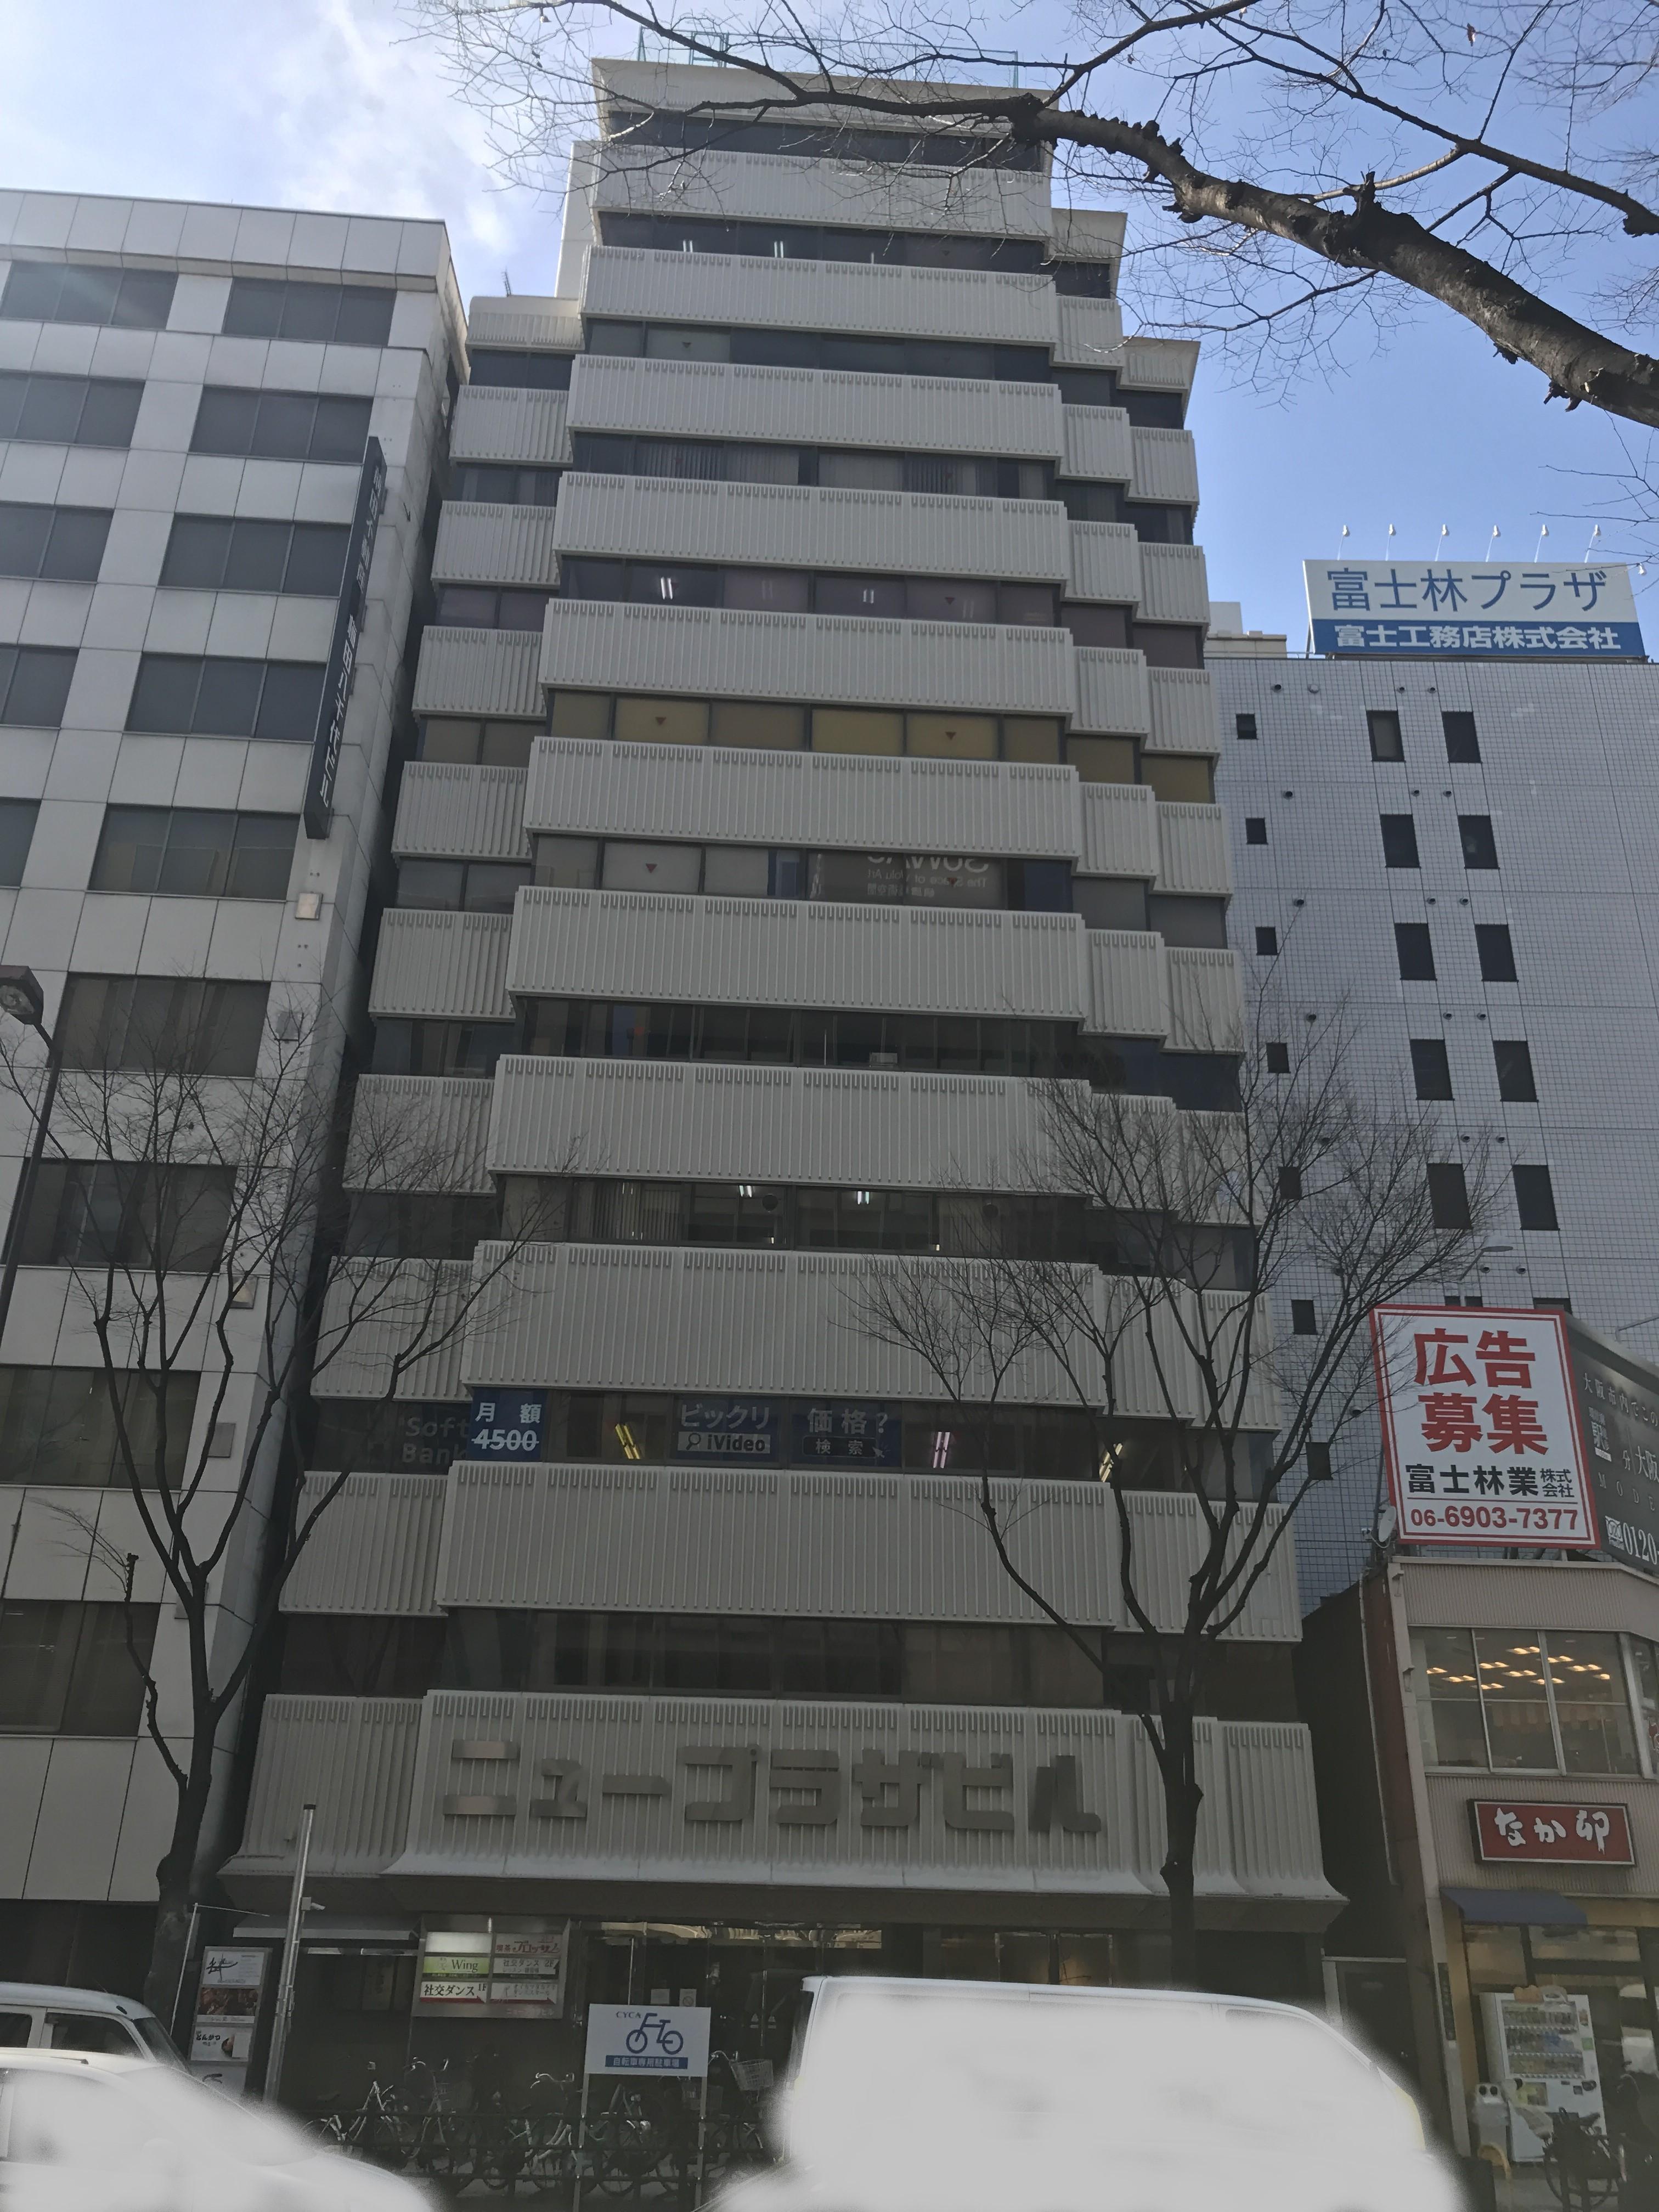 ニュープラザビル7階701号室(株式会社こころソリューション) 多目的スペースの外観の写真